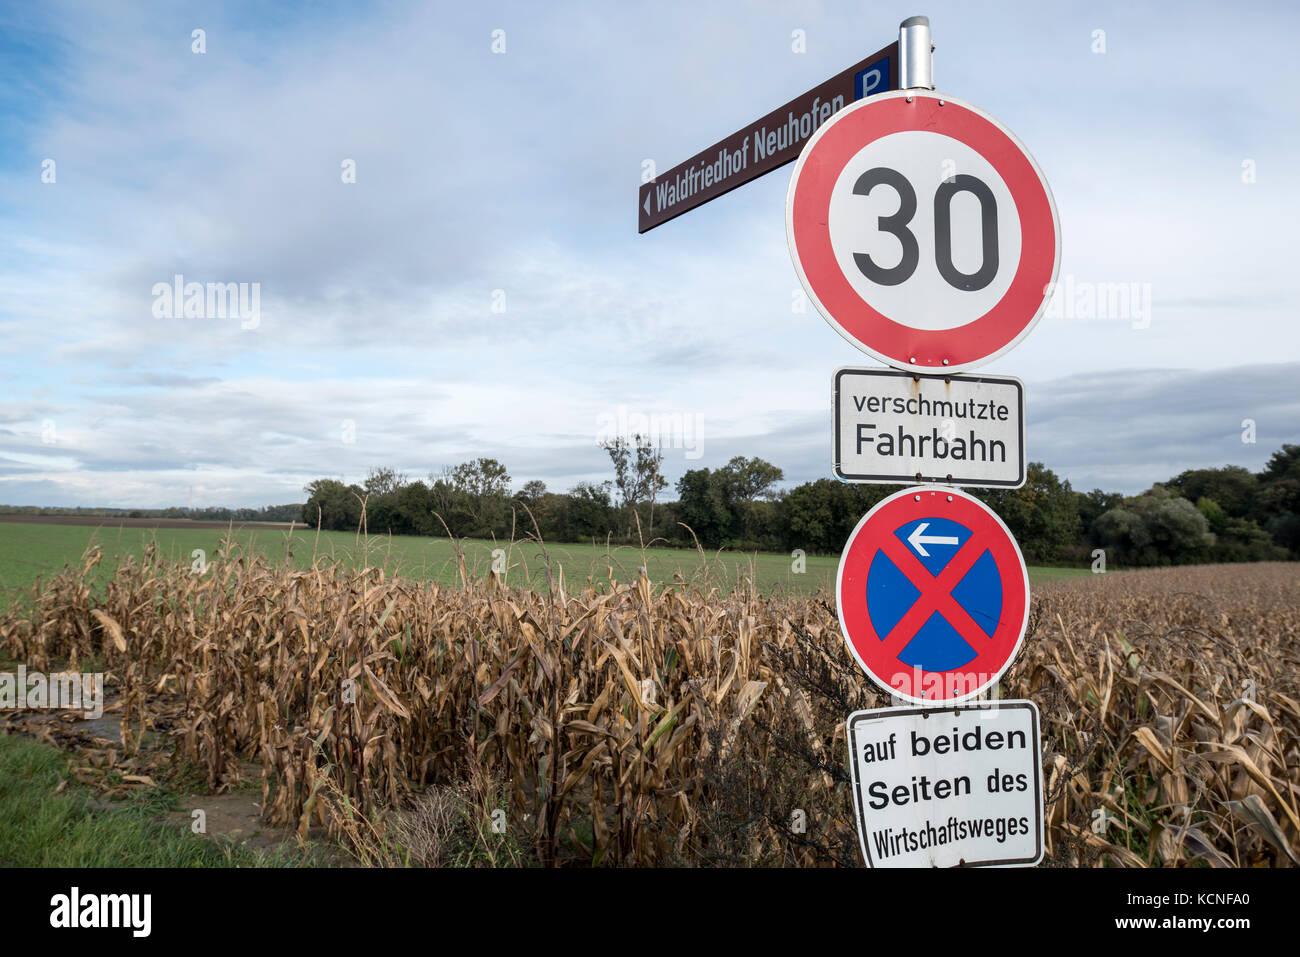 Wirtschaft, Deutschland, Rheinland-Pfalz, Waldsee, Rhein-Pfalz-Kreis, October 06. Ein Verkehrsschild mit der Aufschrift - Stock Image